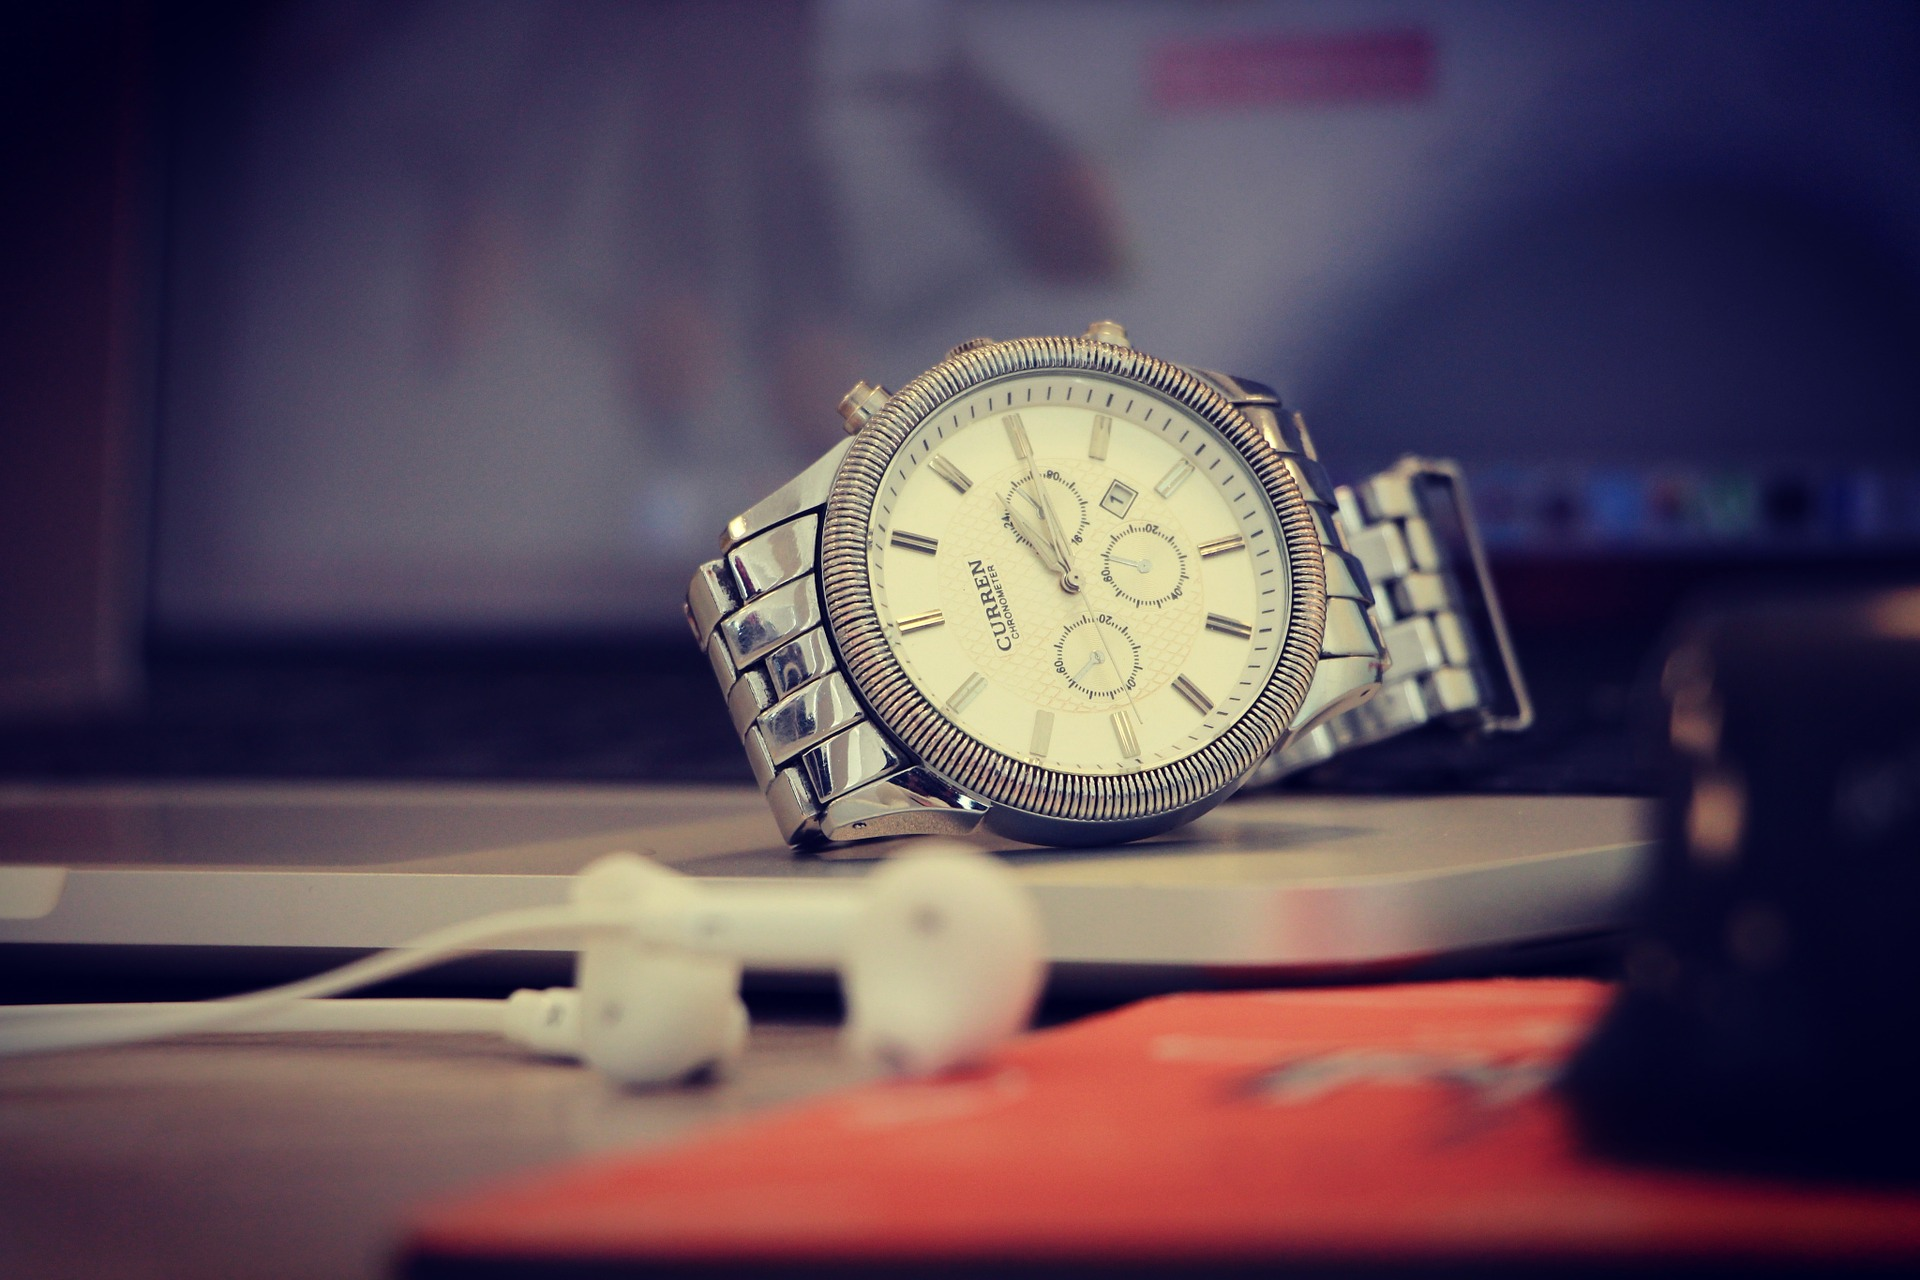 chụp ảnh sản phẩm đồng hồ, giá chụp đồng hồ